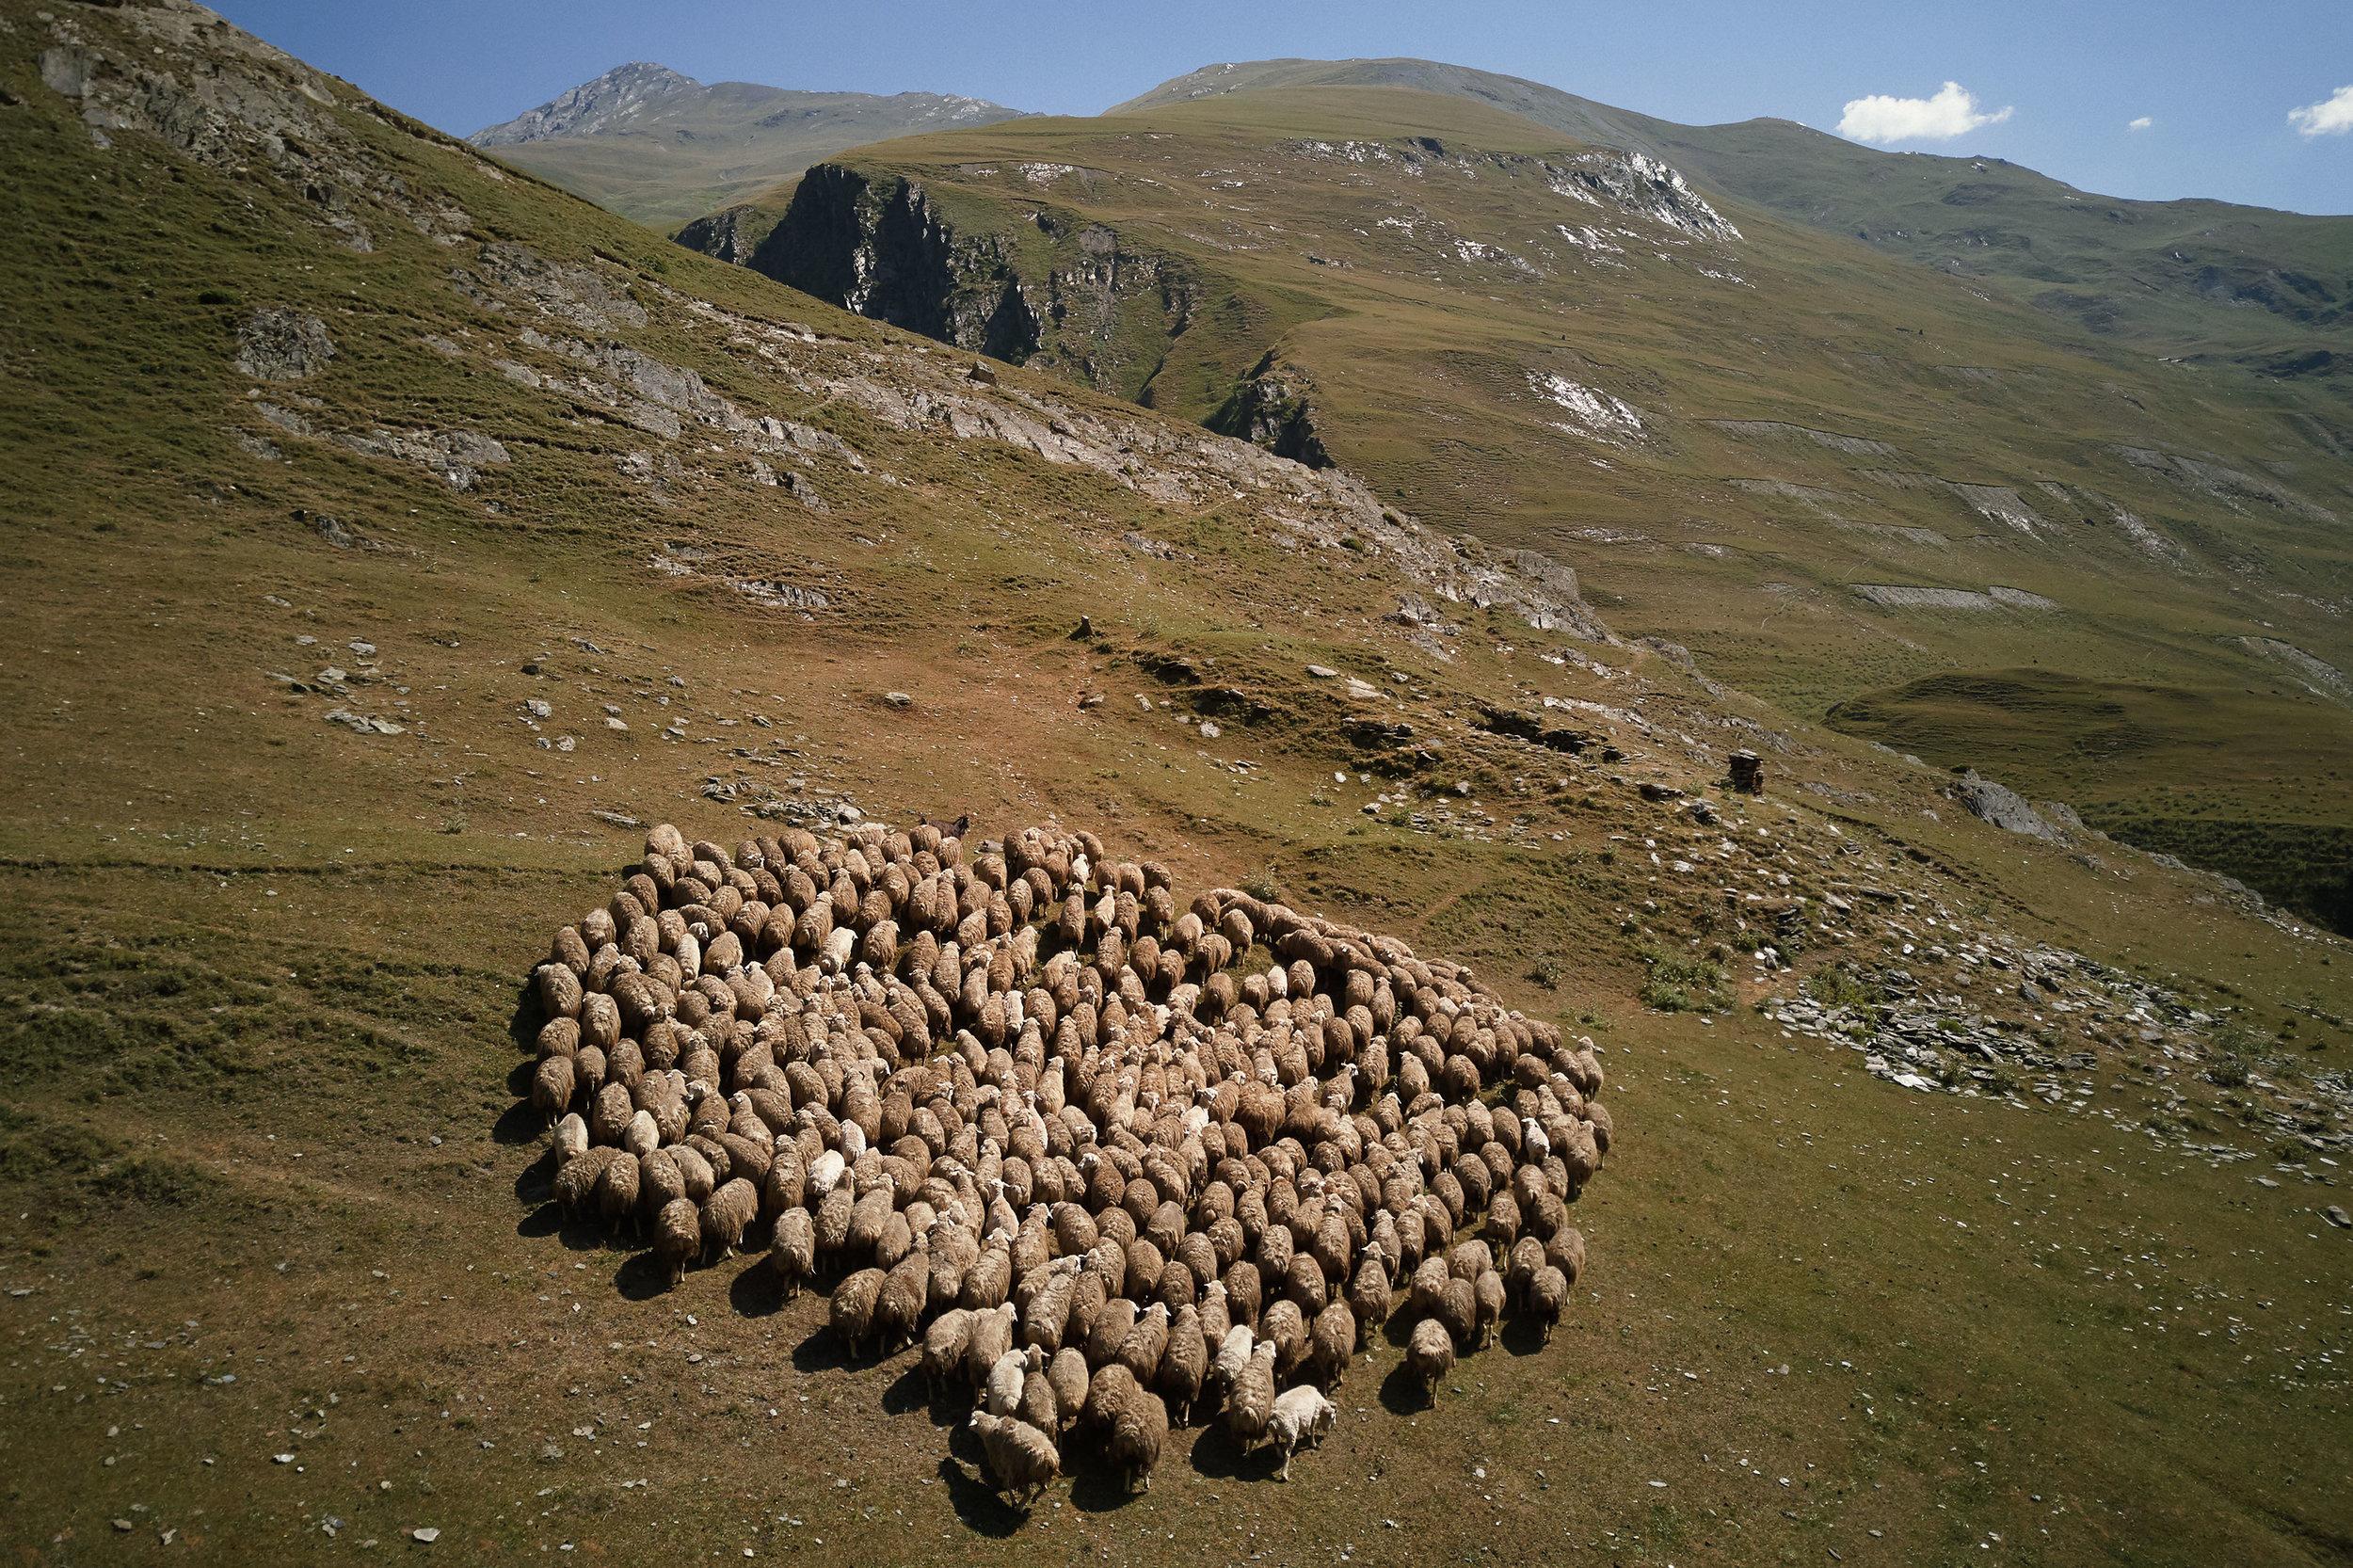 Tusheto-Georgia-Sheep-herd-close-together